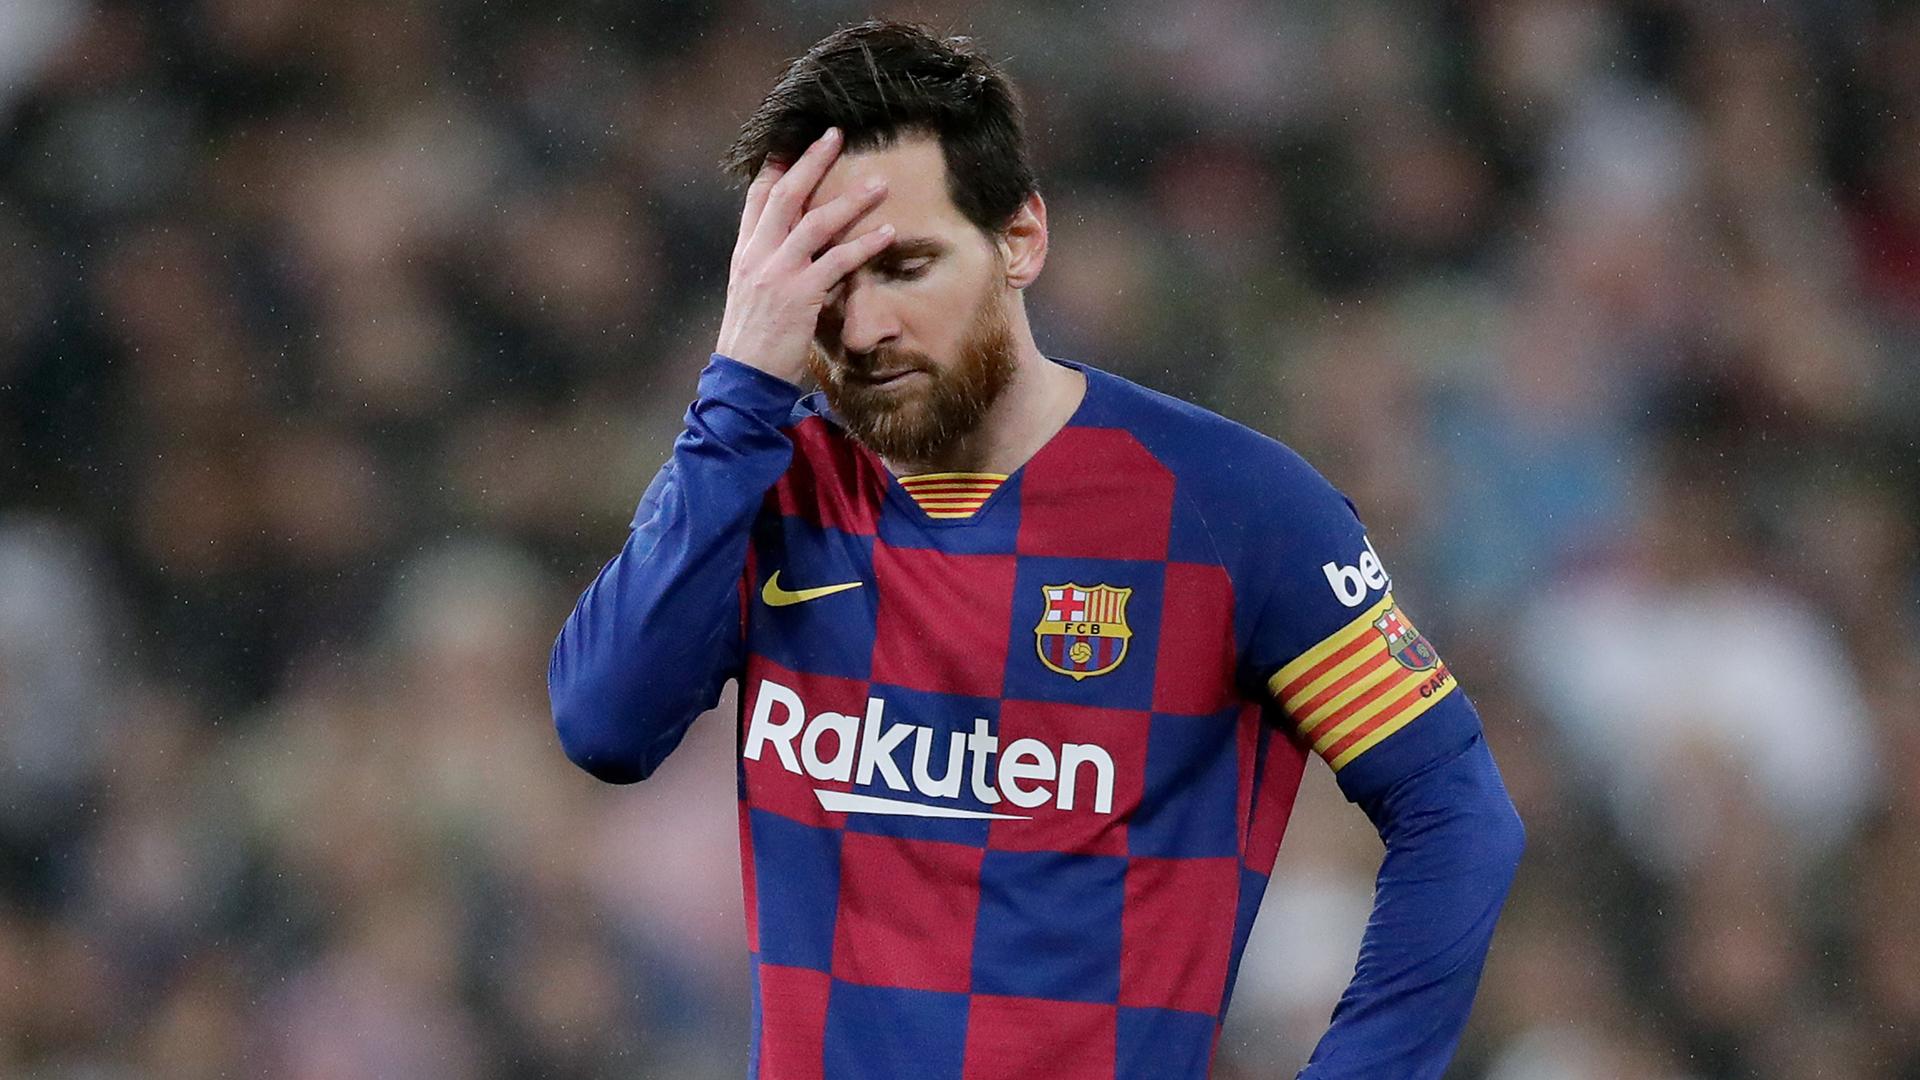 Messi žestoko opleo po upravi Barce: Više me ništa ne iznenađuje kod njih